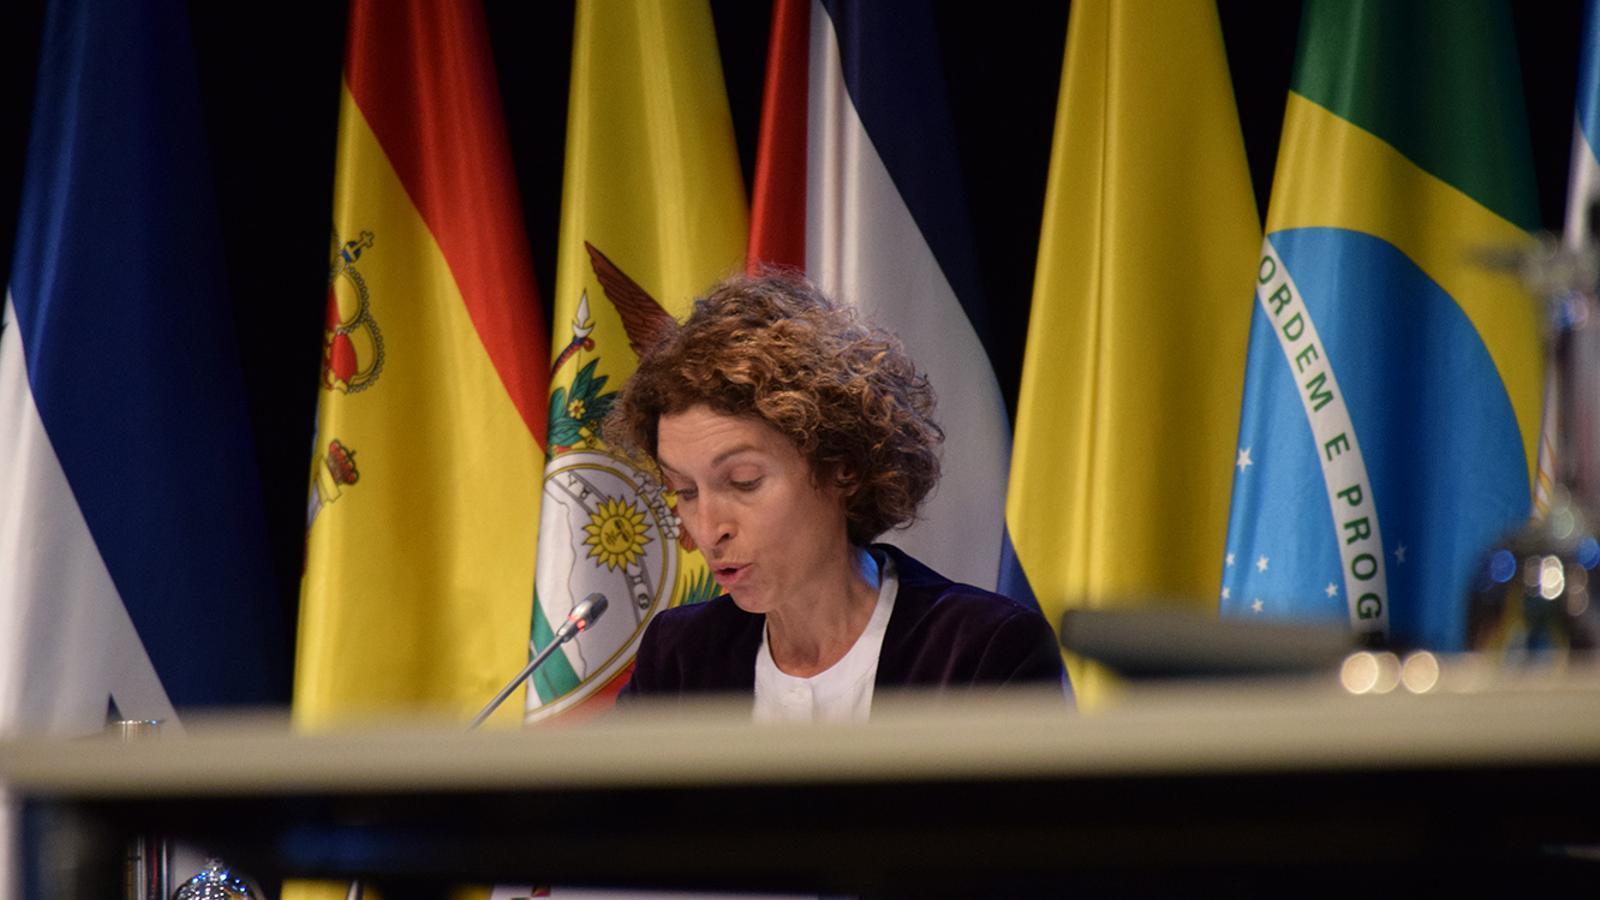 La ministra Maria Ubach durant la reunió extraordinària de ministres iberoamericans d'afers exteriors. / M. F. (ANA)